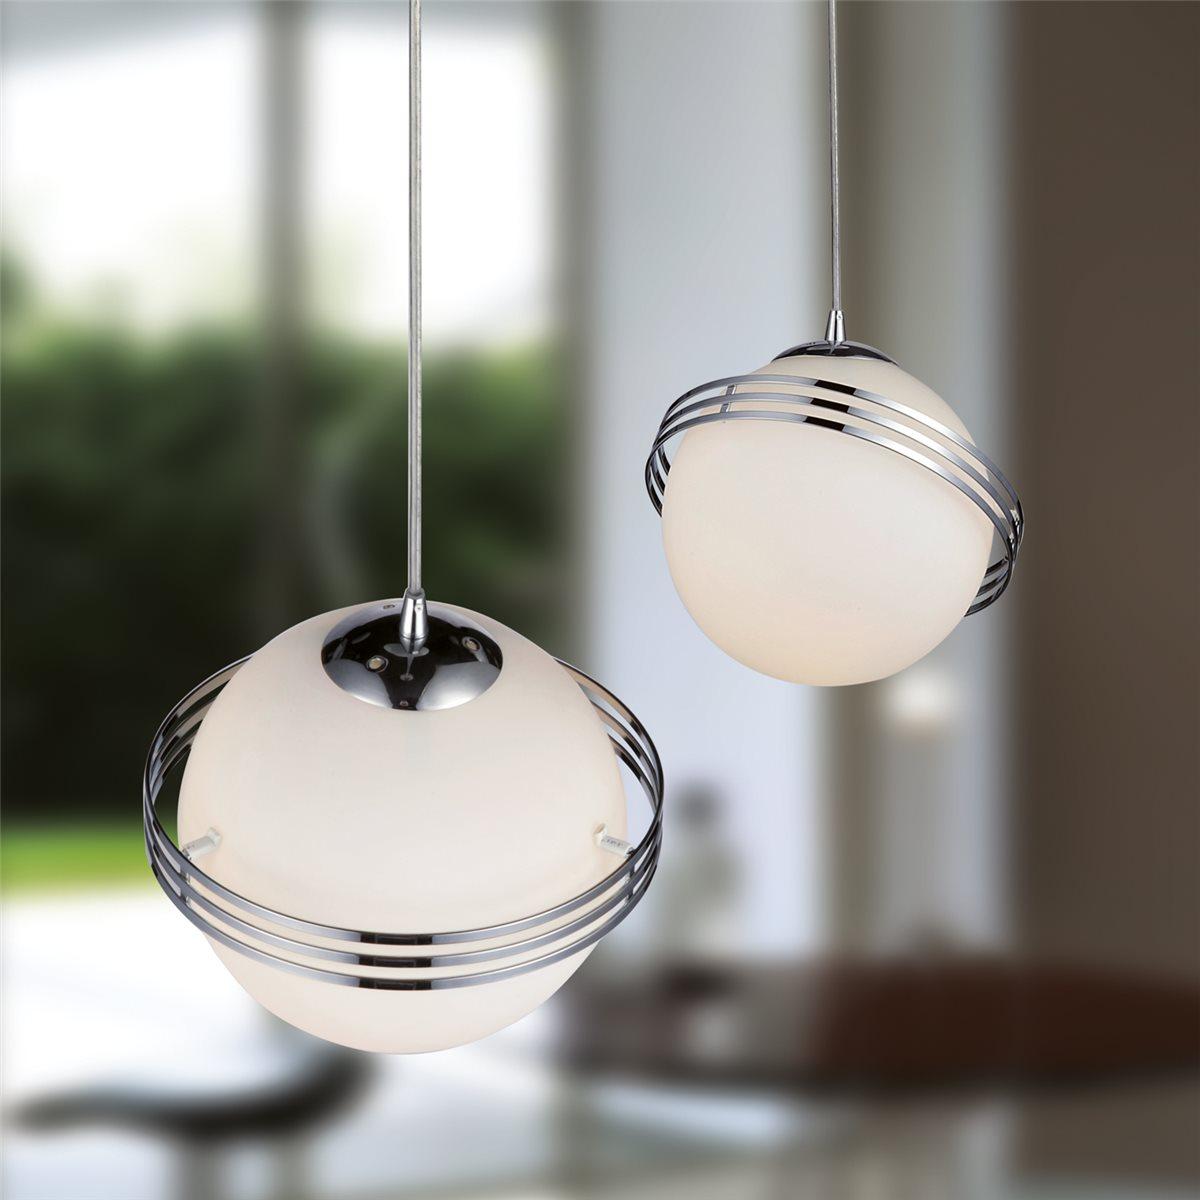 Lampenlux LED Pendelleuchte Bieno Hängeleuchte Glas Opal Weiß Kugellampe Ø30